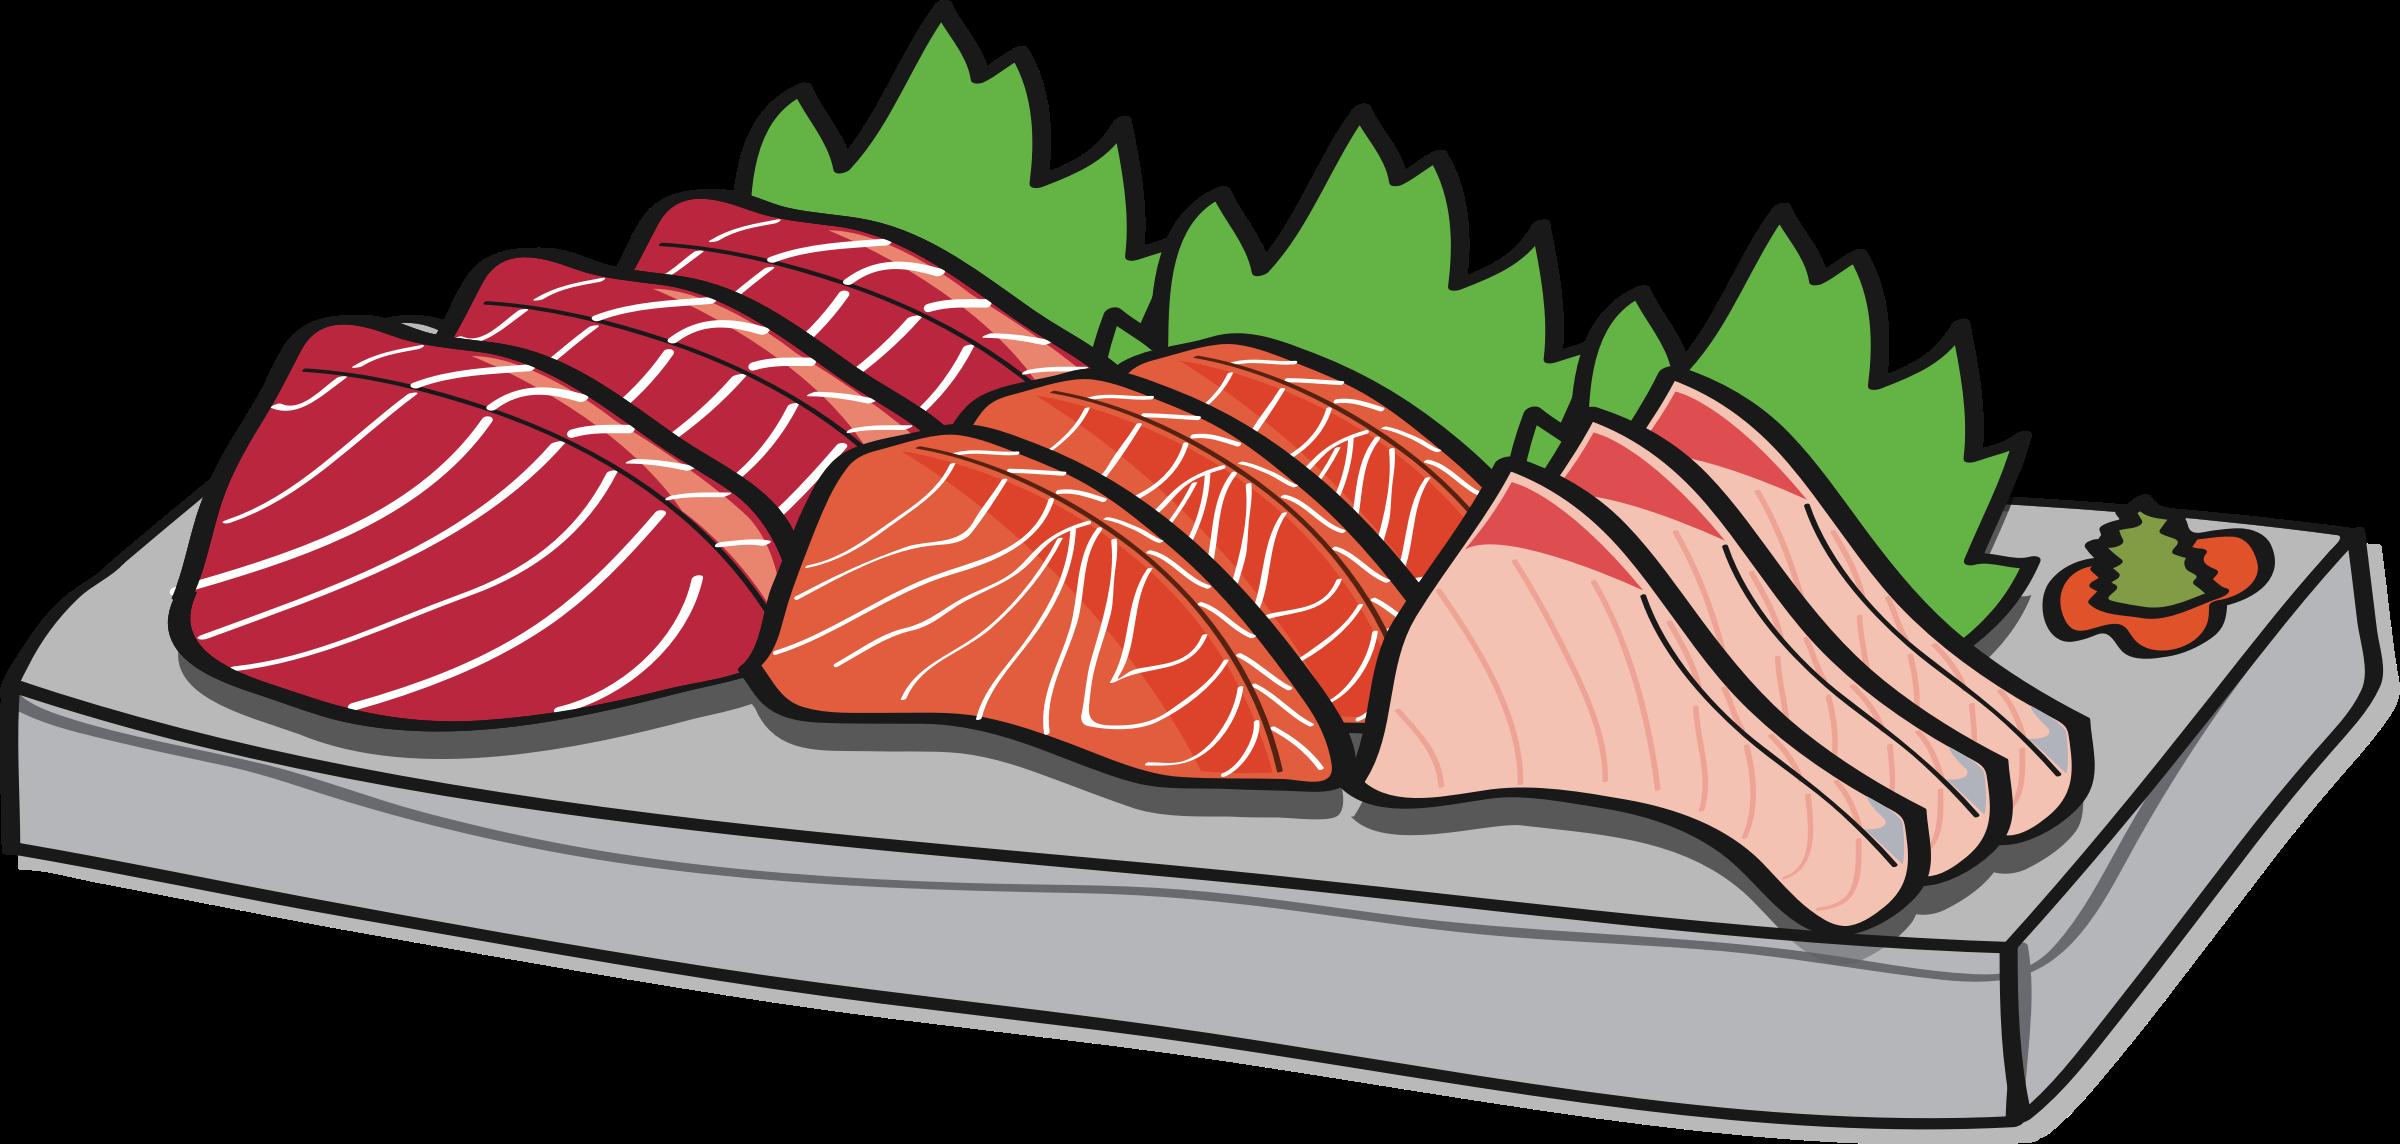 Fish dish clipart. Sashimi assortment big image